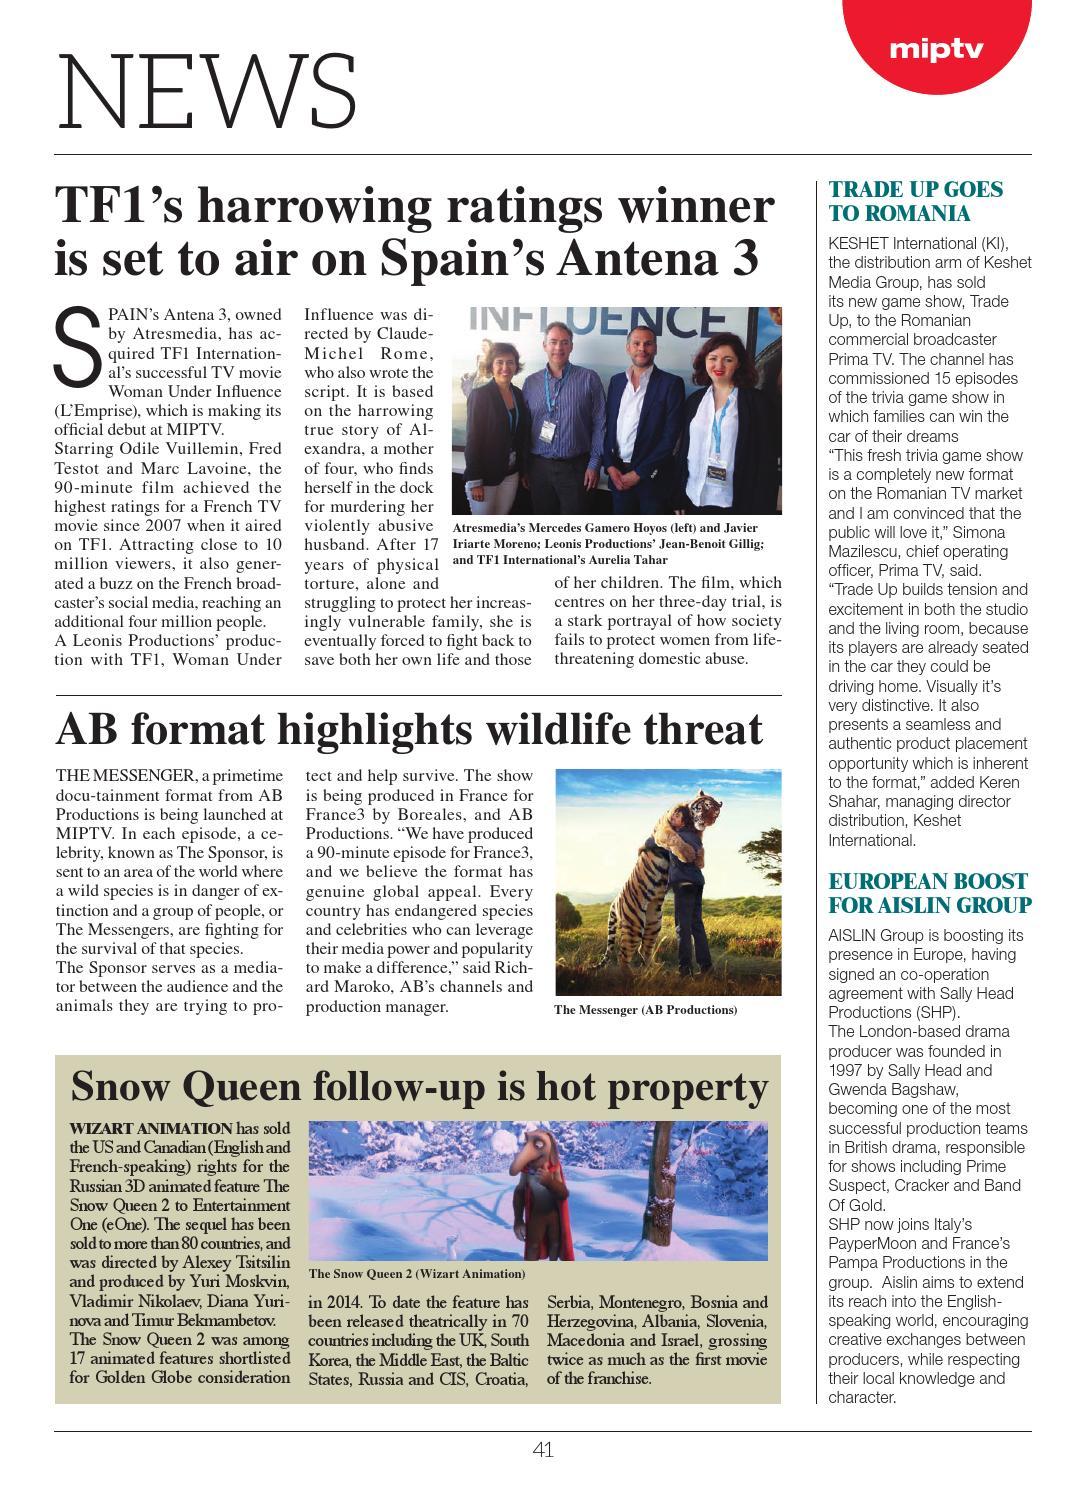 Miptv 2015 news 3 by MIPMarkets - issuu